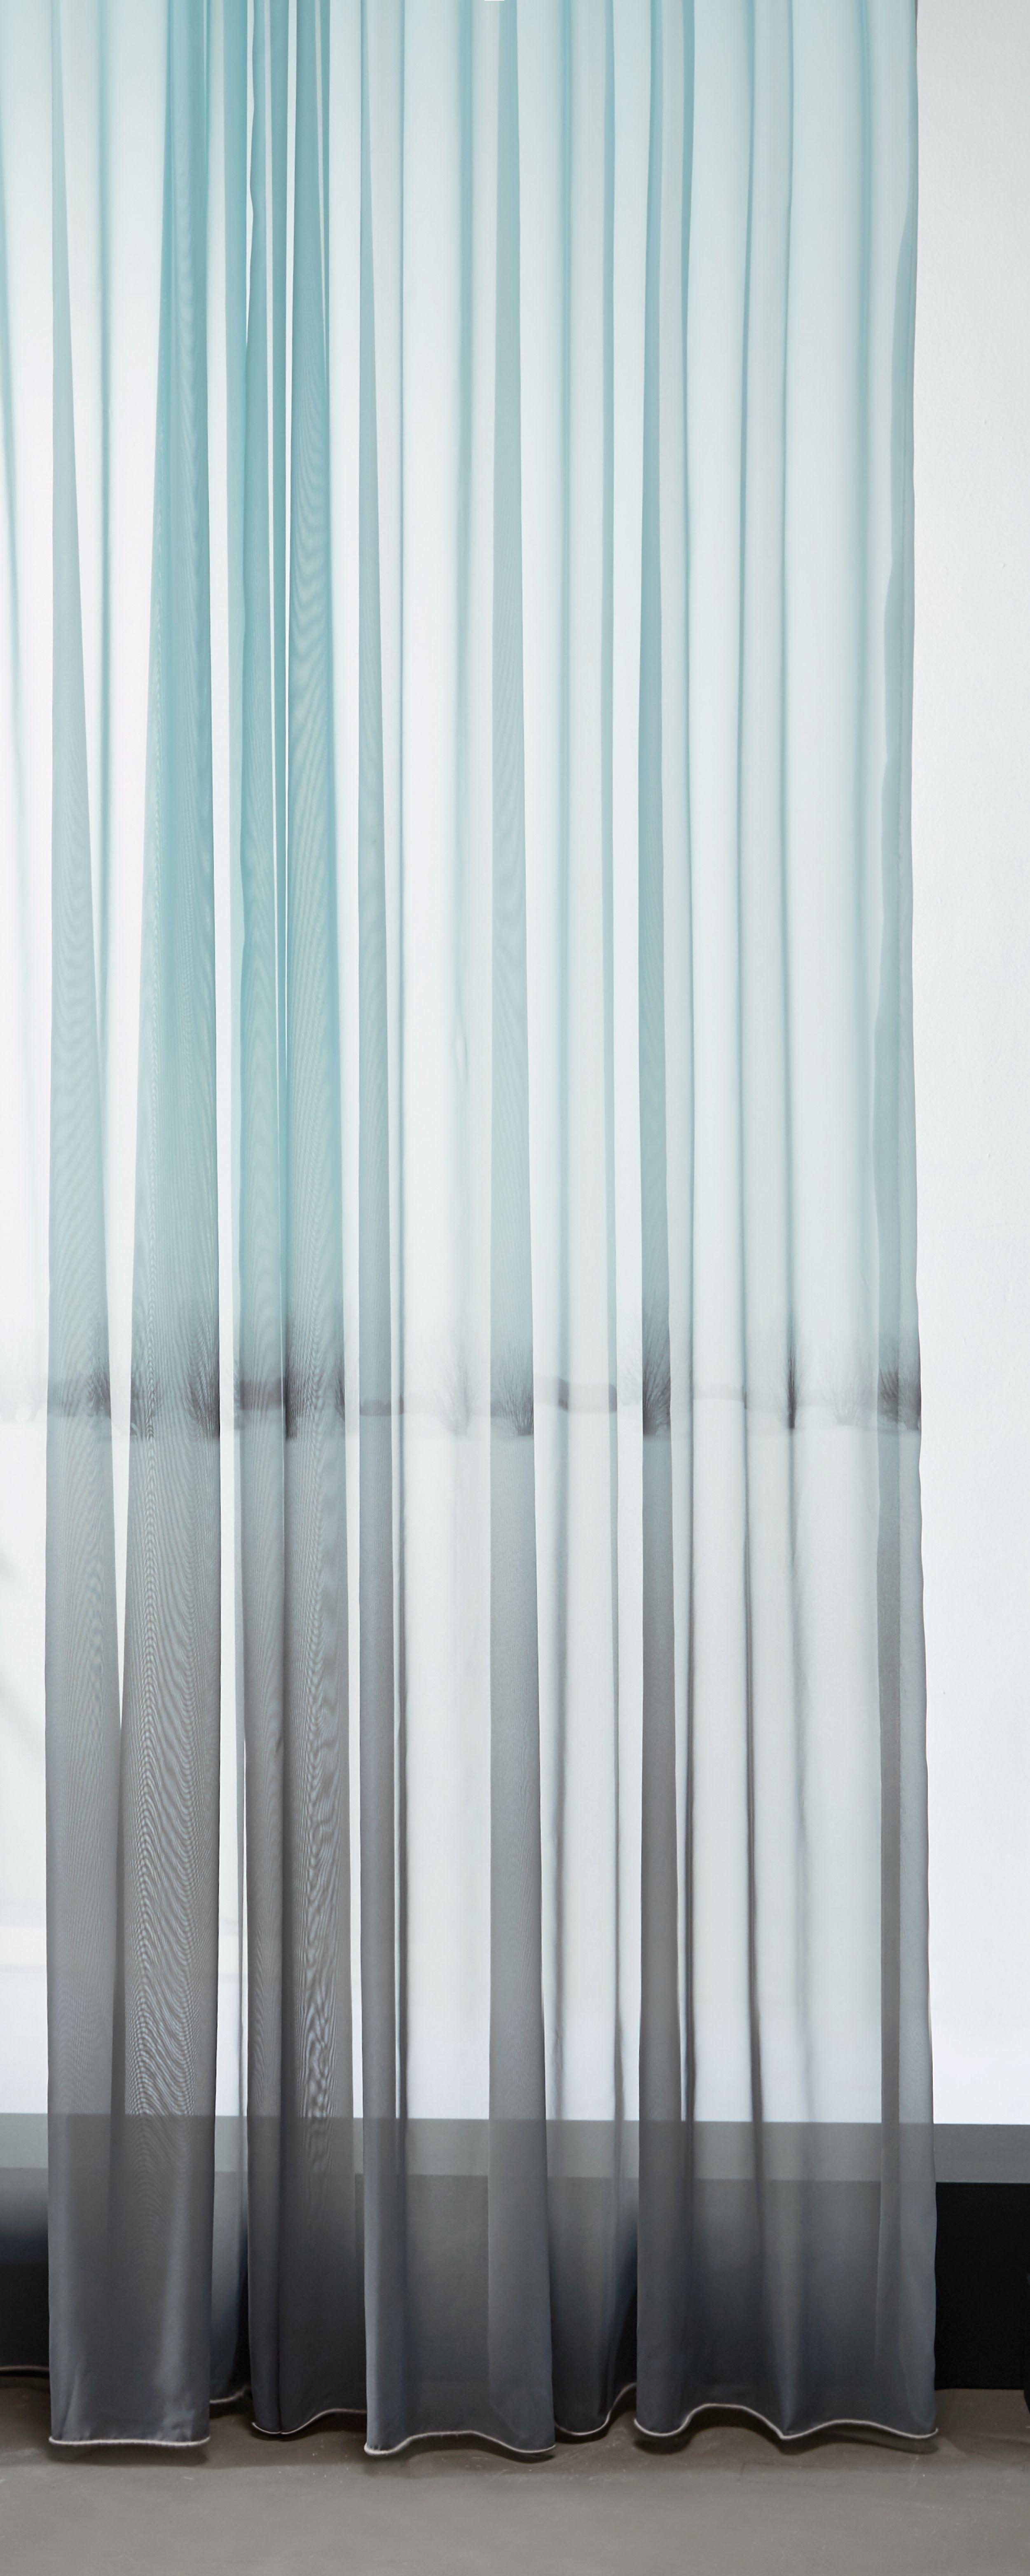 rustgevend filter het licht met transparante voile silence gordijnen curtains happywave verkrijgbaar in onze winkel